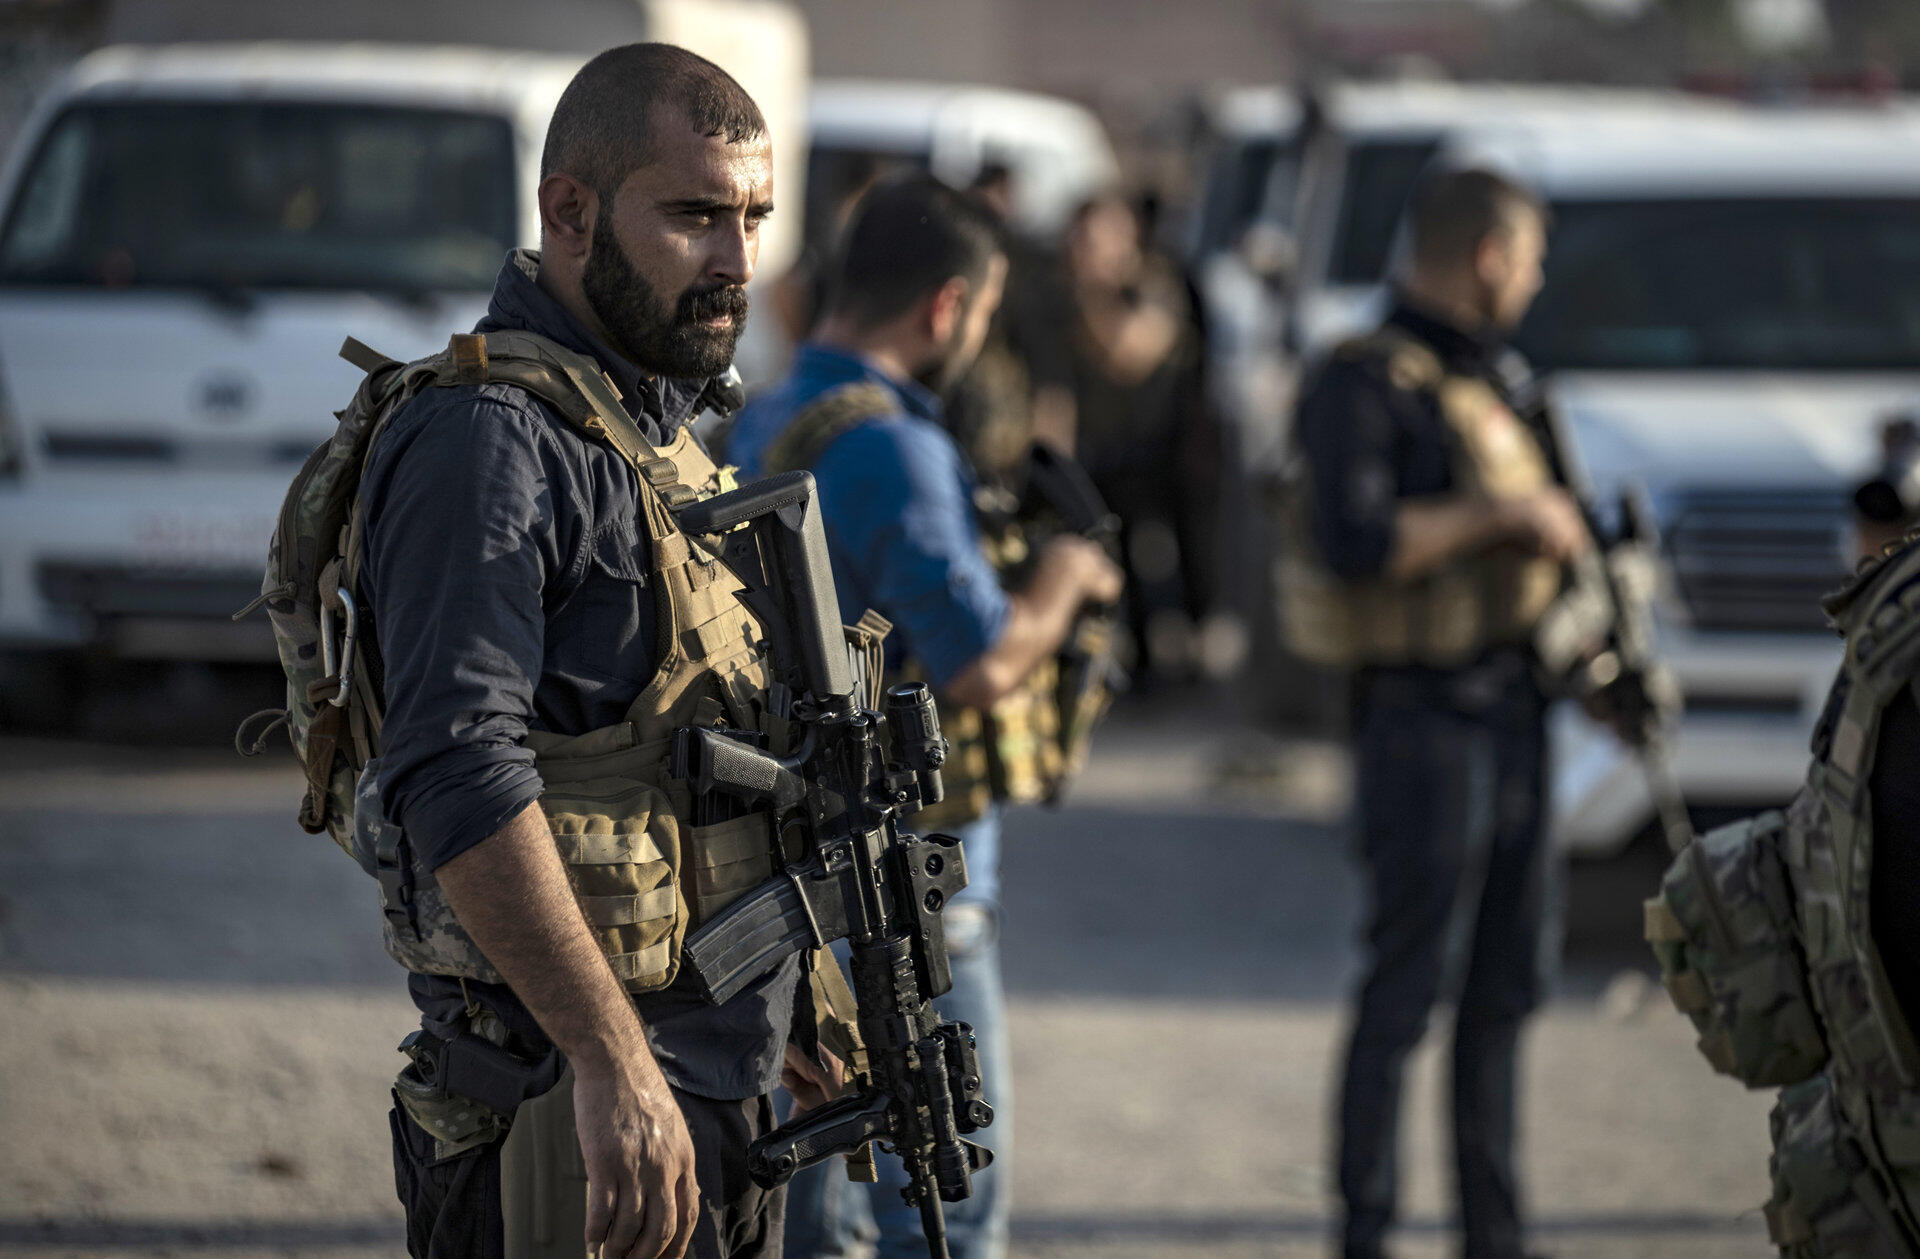 Un soldat des Forces démocratiques syriennes (FDS) se préparant à rejoindre le front contre les forces turques, le 10 octobre 2019, près de Hassaké au nord de la Syrie.